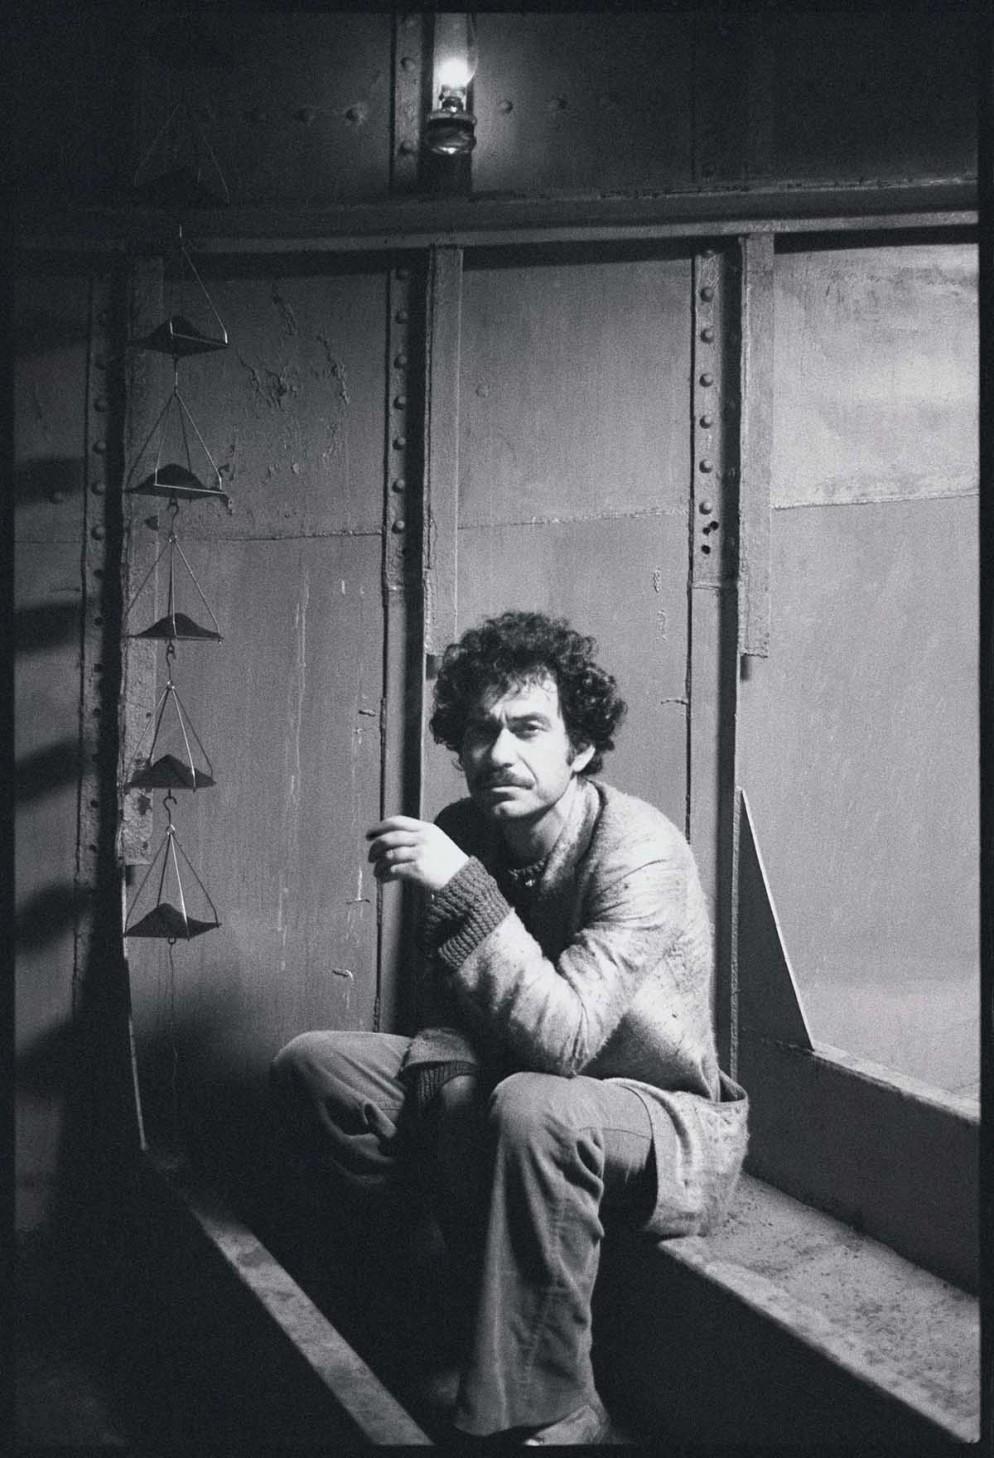 Foto Giorgio Colombo